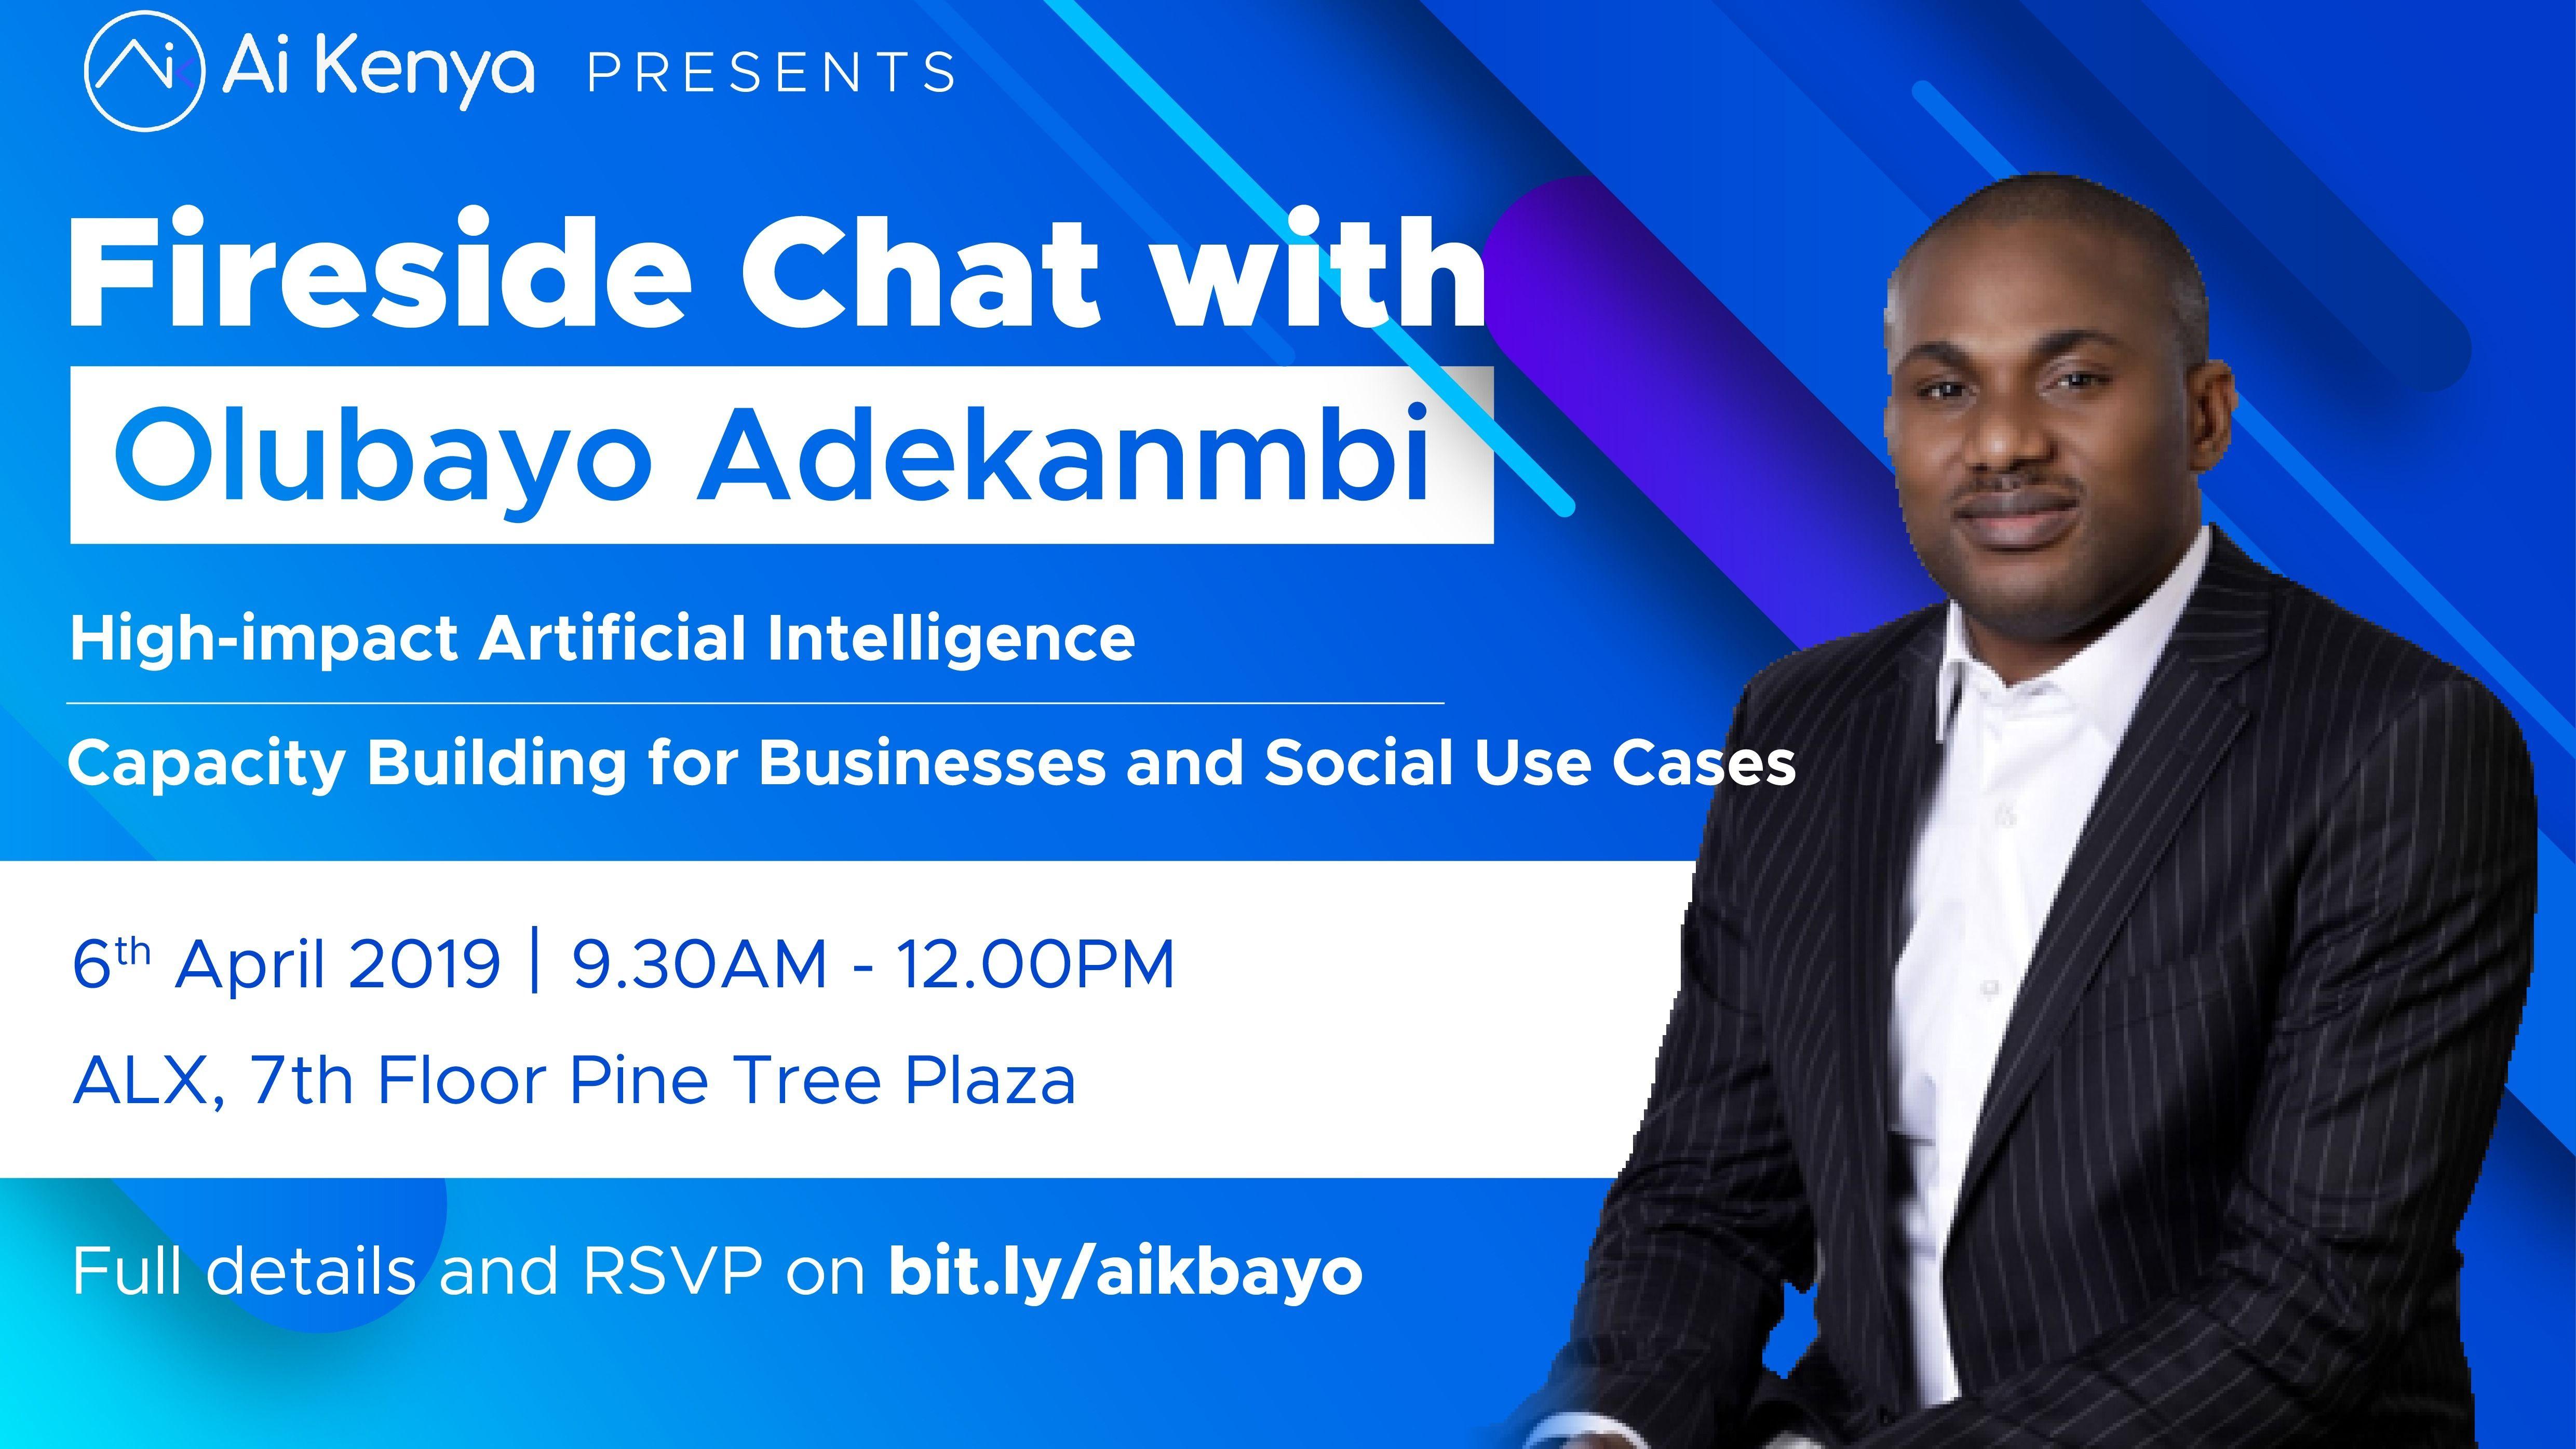 Fireside Chat with Olubayo Adekanmbi